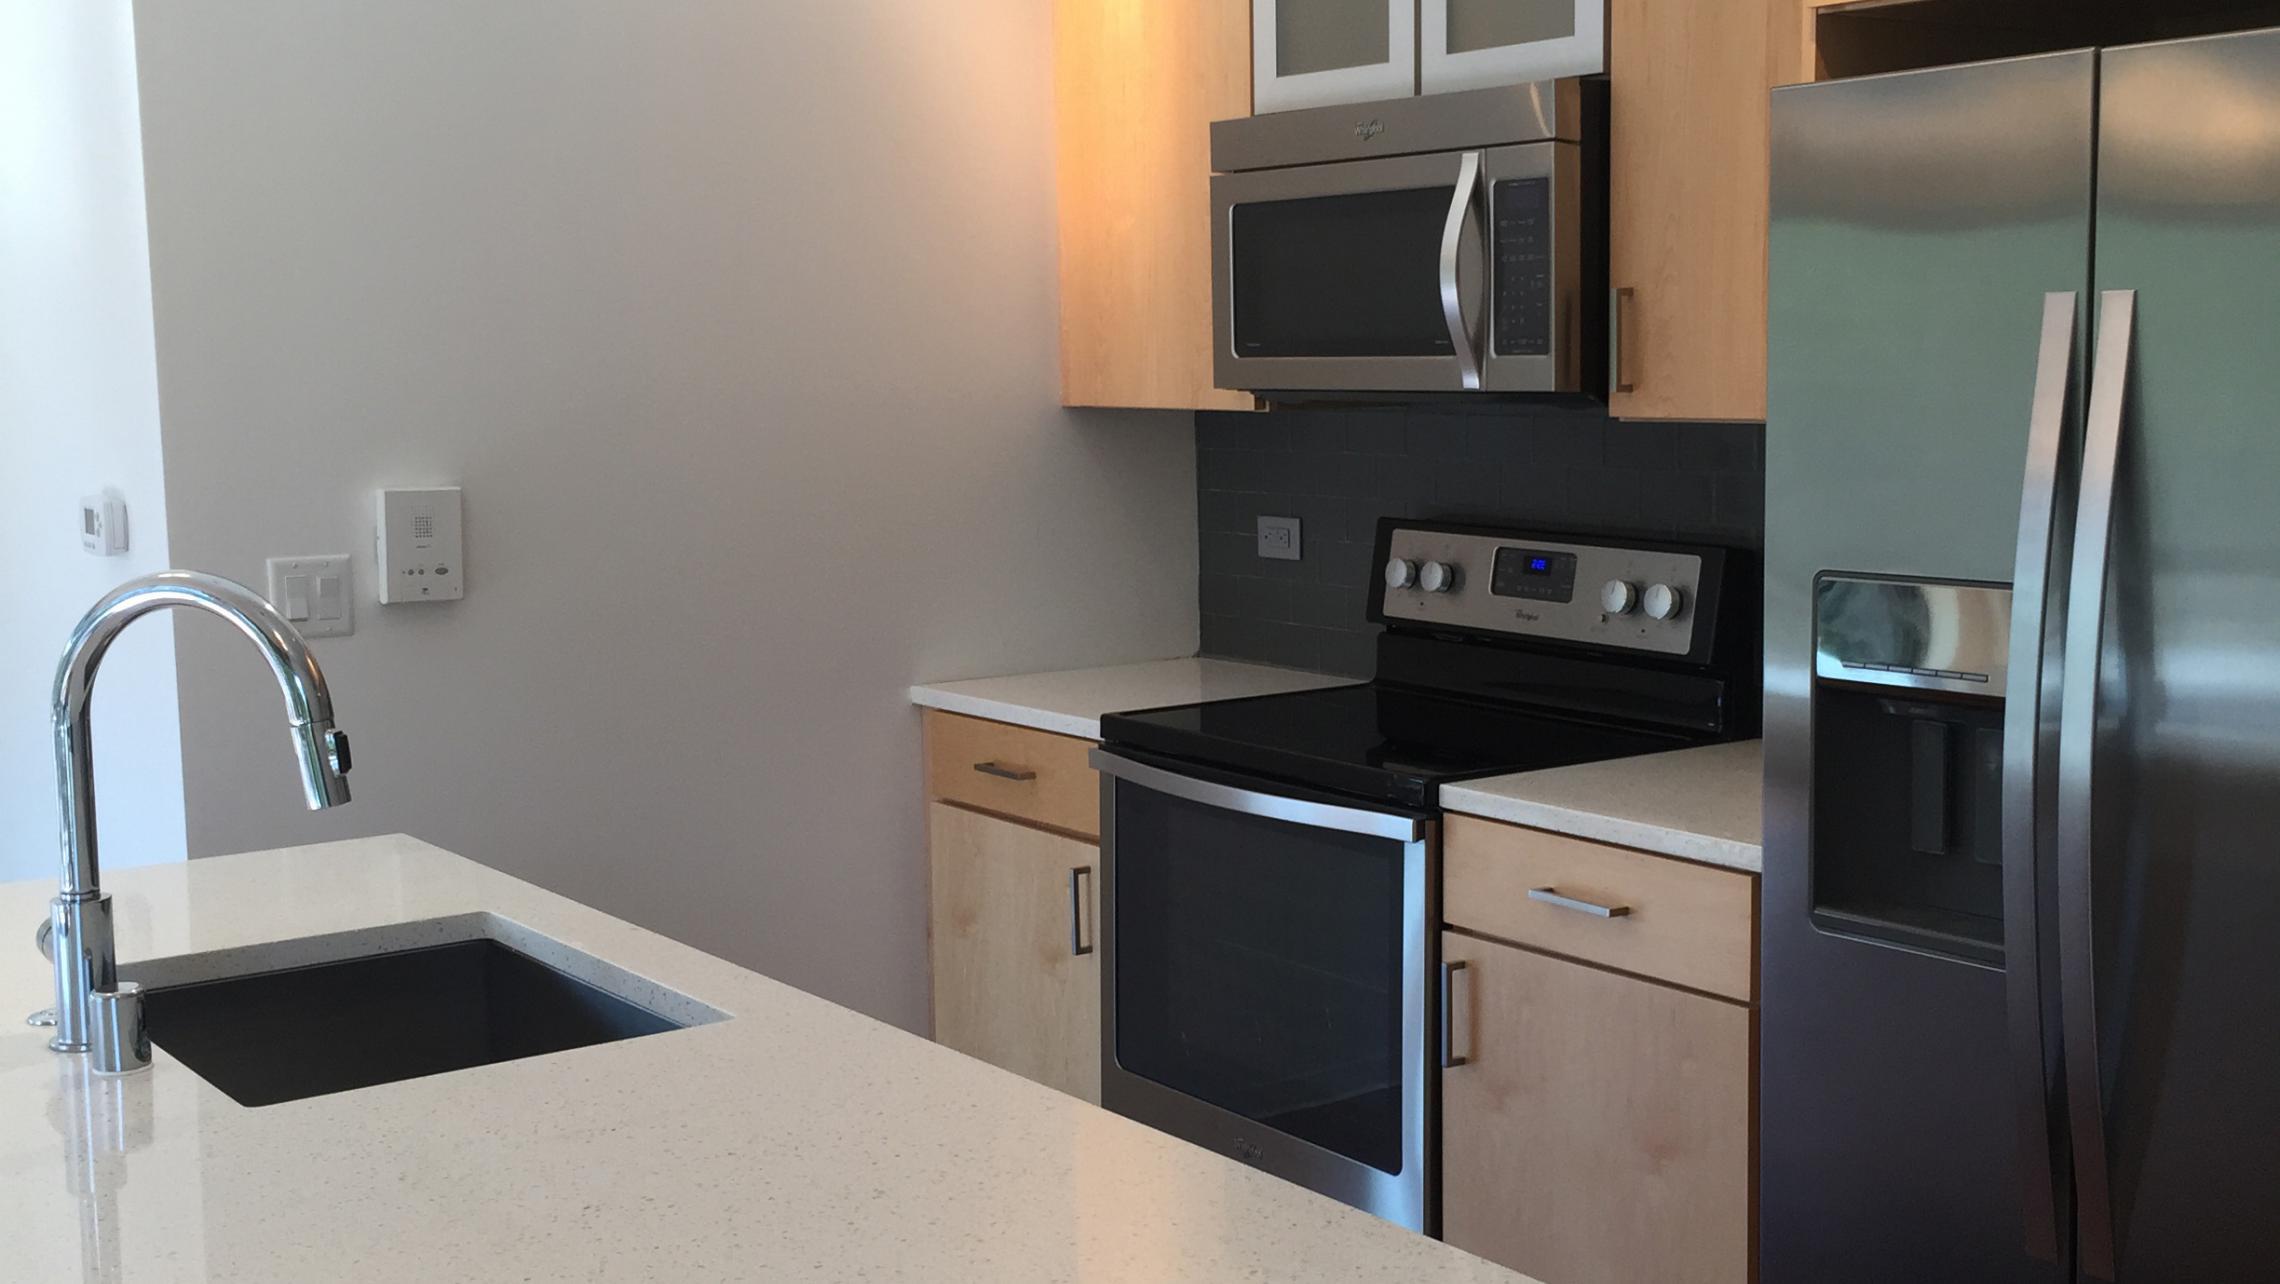 ULI Seven27 Apartment 110 - Kitchen